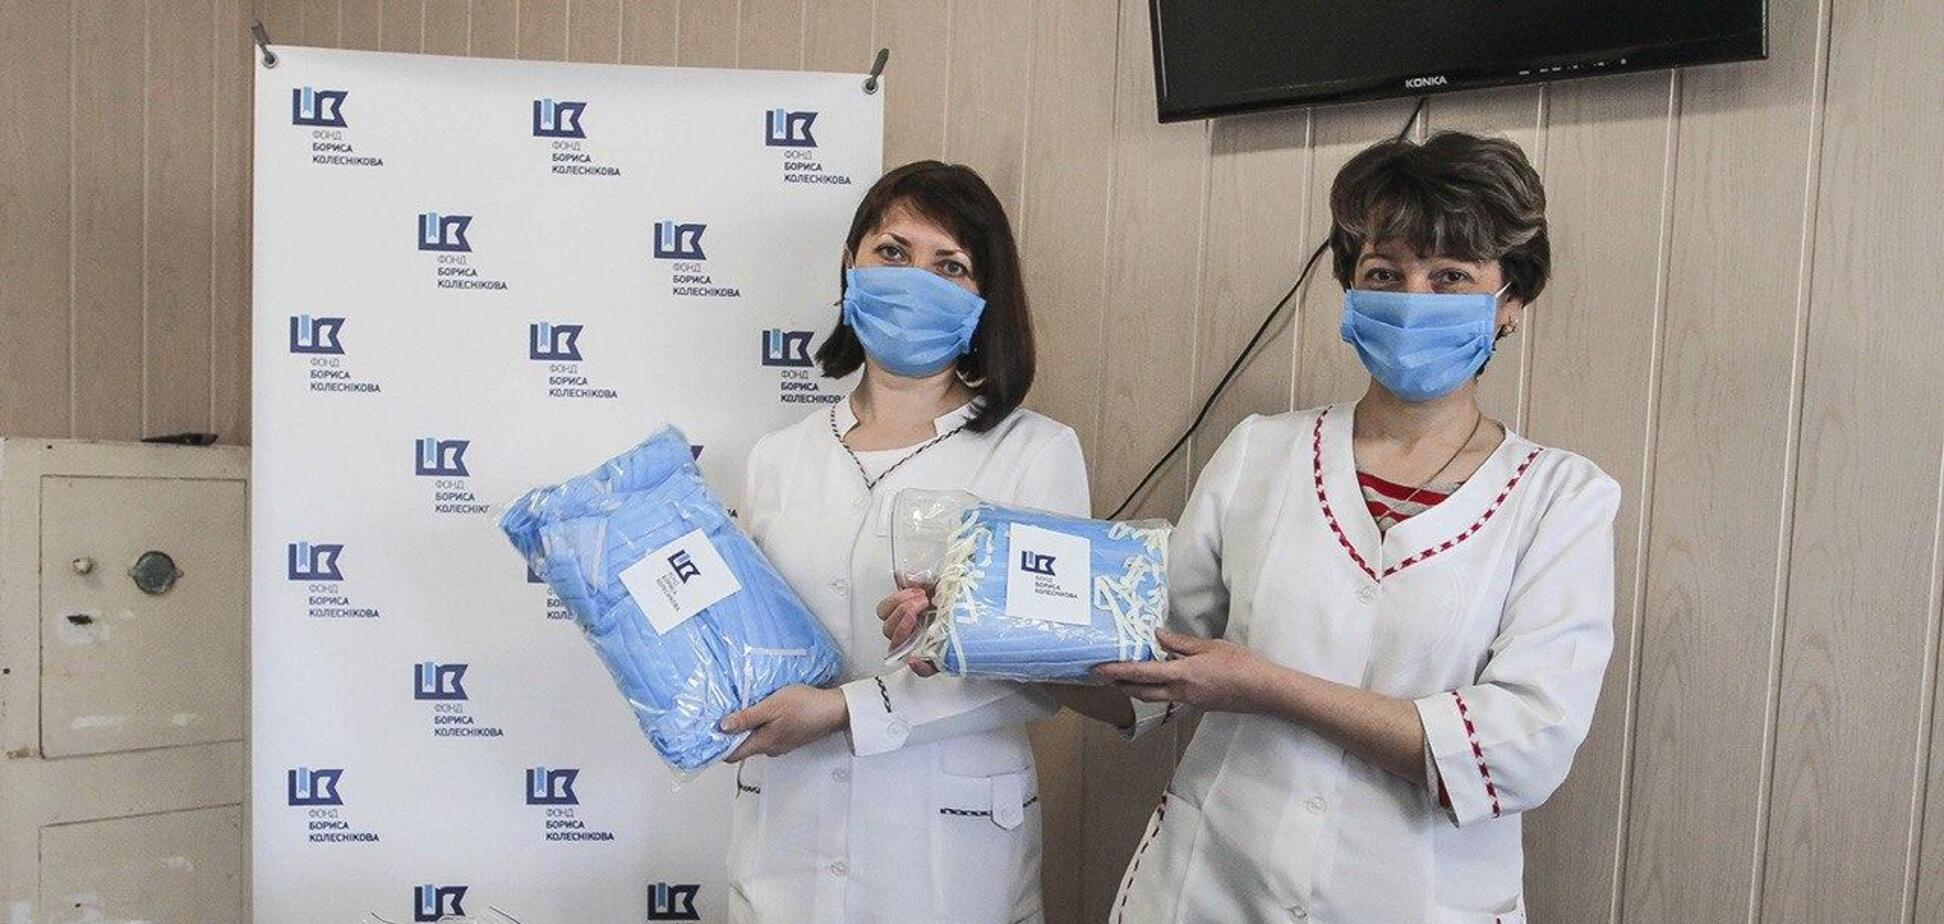 Благодійники на варті здоров'я: яка допомога надається Костянтинівці в боротьбі з коронавірусом